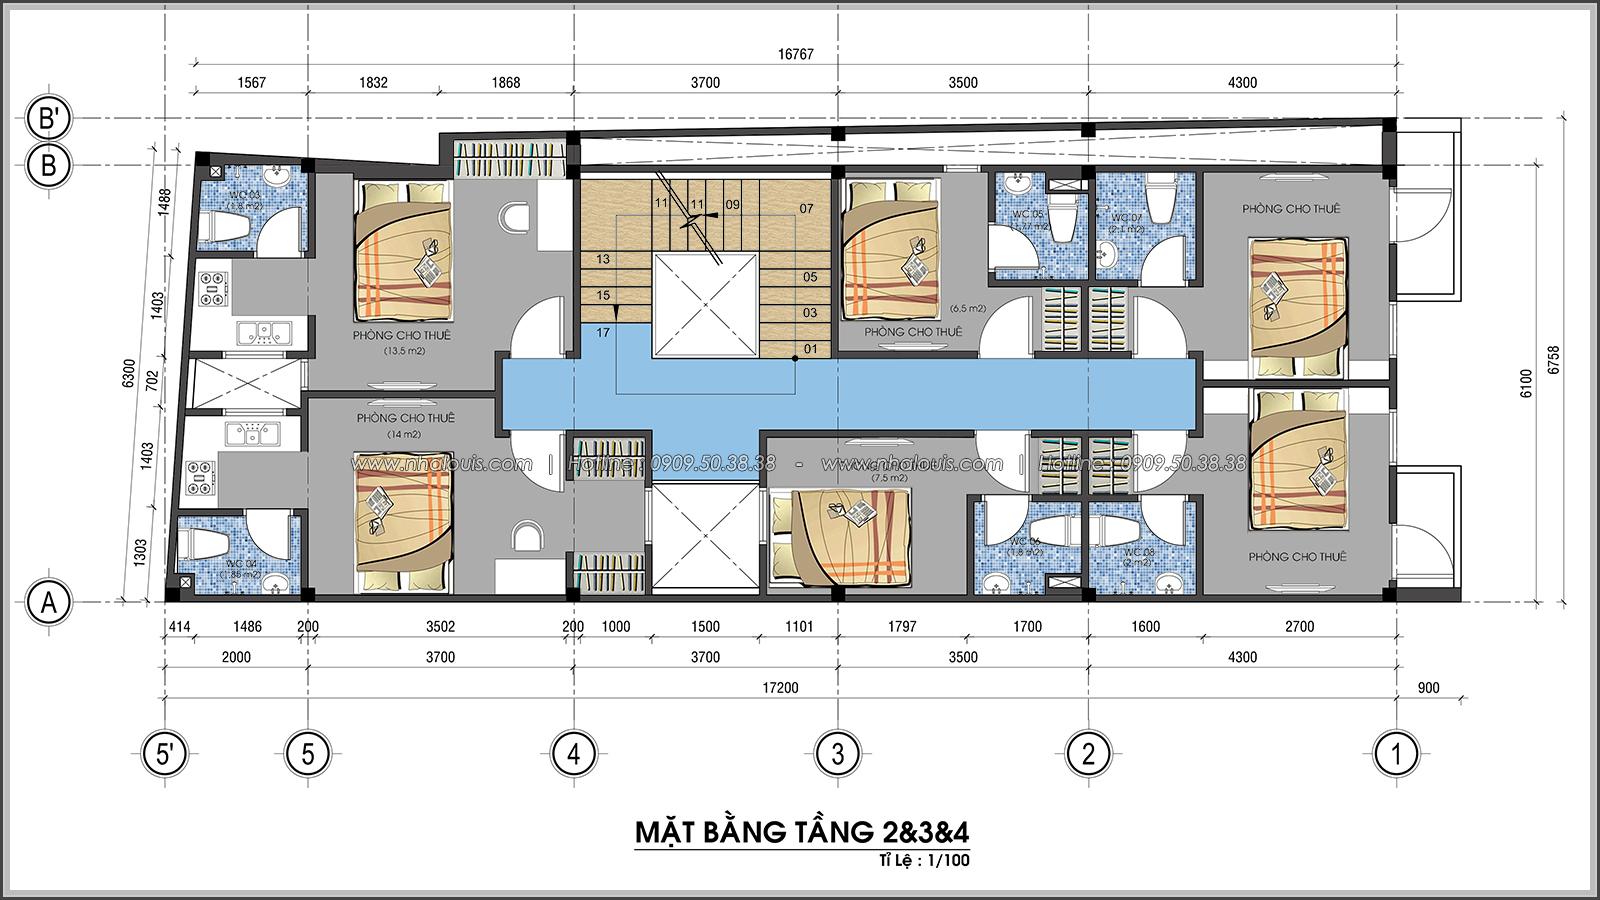 Mặt bằng tầng 2, tầng 3, tầng 4 Thiết kế nhà trọ cho thuê cao cấp tiết kiệm chi phí và hiệu quả tại Tân Bình - 06